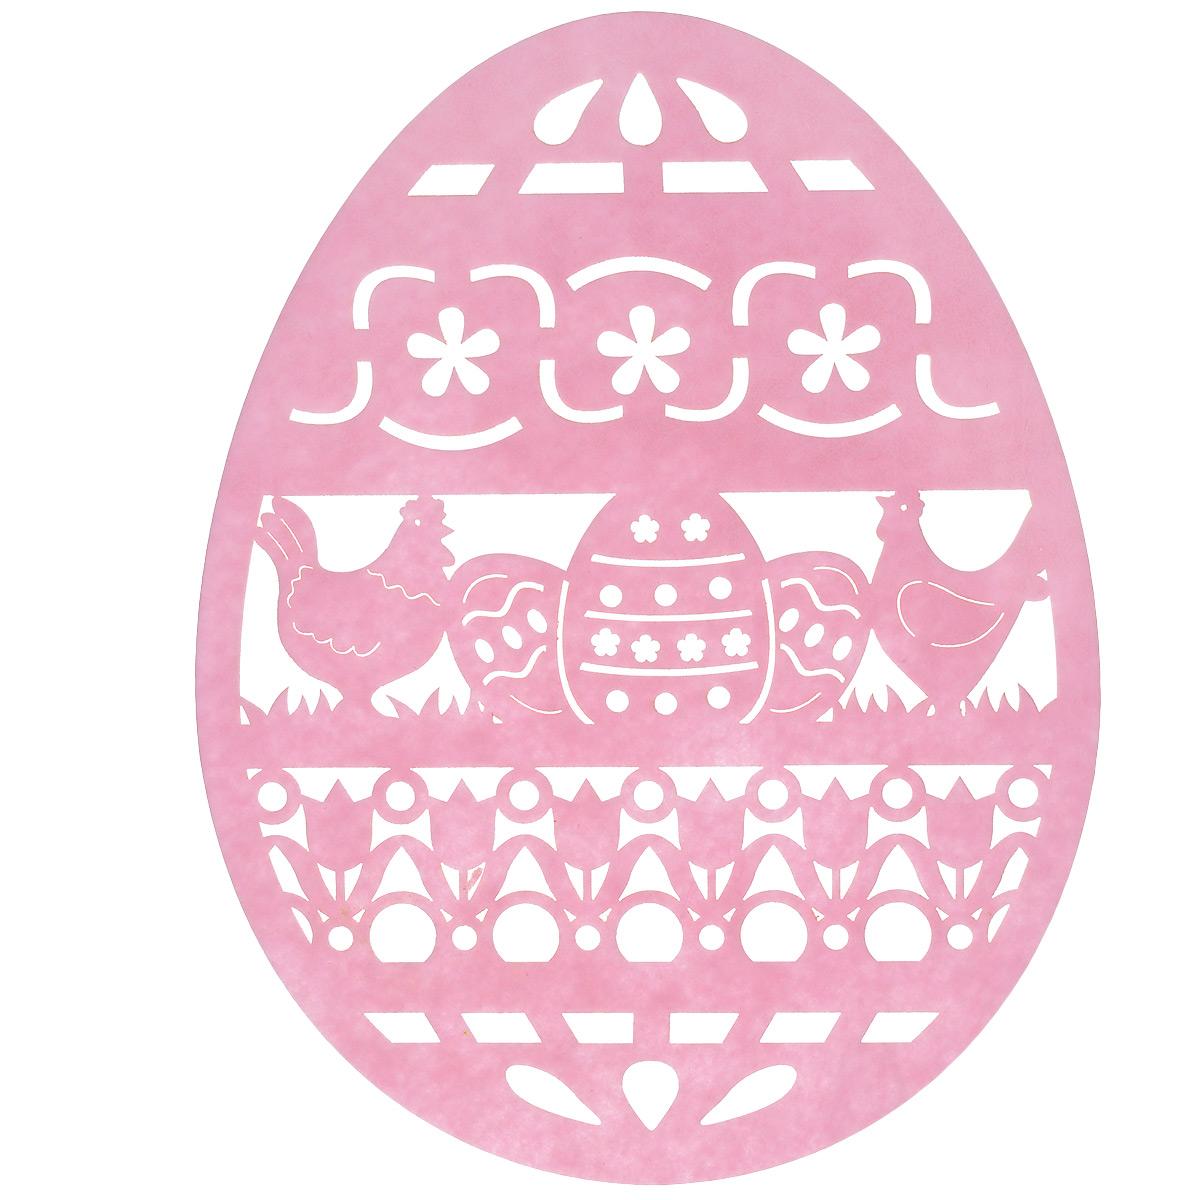 Салфетка Home Queen Веселый праздник, цвет: розовый, 25 х 33 х 0,2 см66842_5Салфетка Home Queen Веселый праздник изготовлена из фетра, выполнена в форме яйца и имеет красивую перфорацию. Вы можете использовать салфетку для декорирования стола, комода, журнального столика. В любом случае она добавит в ваш дом стиля, изысканности и неповторимости и убережет мебель от царапин и потертостей. Размер салфетки: 25 см х 33 см х 0,2 см.